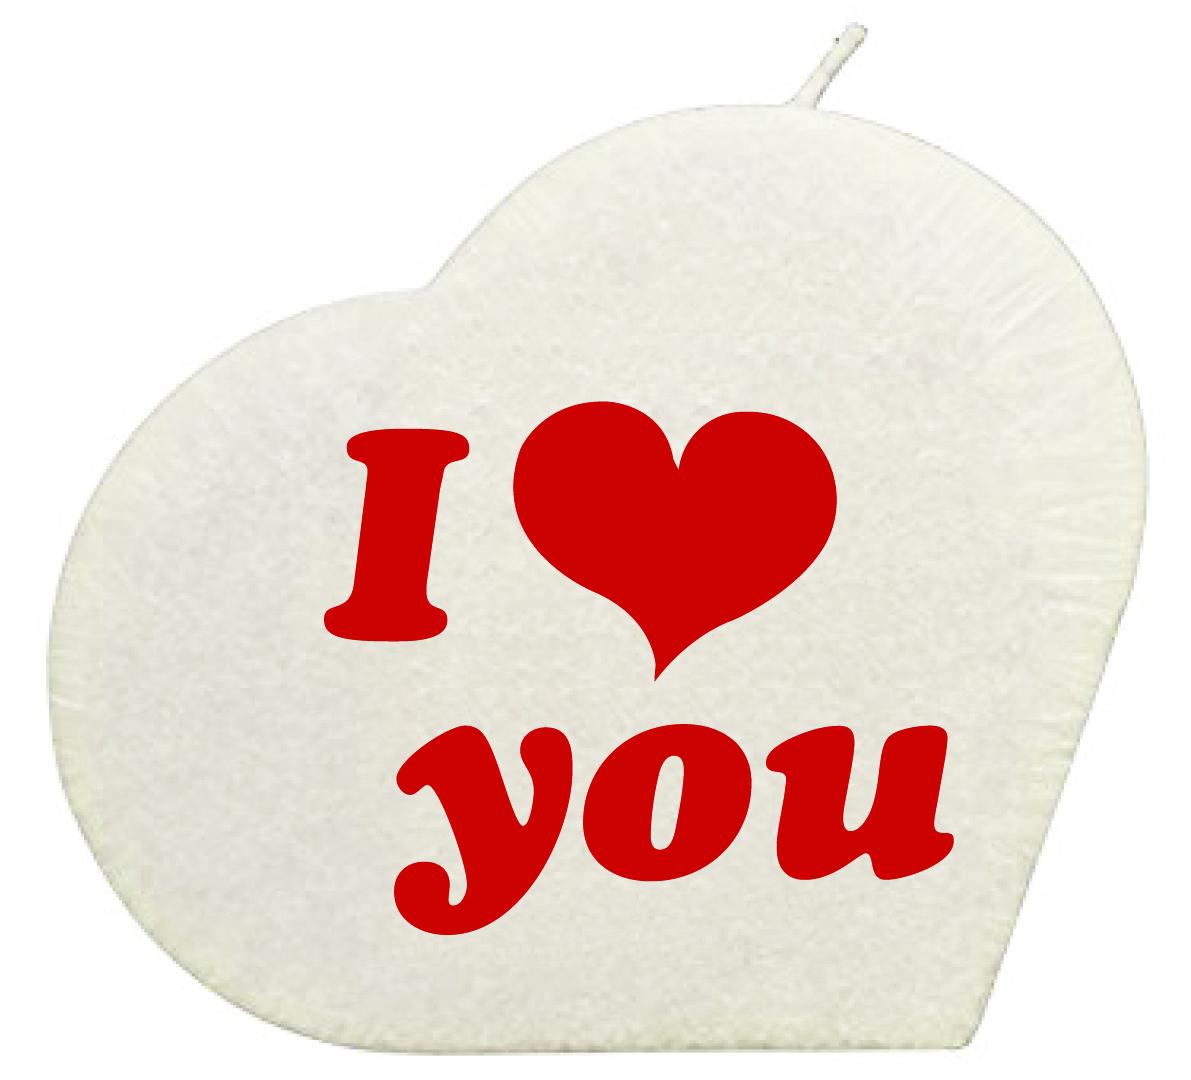 I Love You Herzkerze Weiss Geschenkexpress Ch